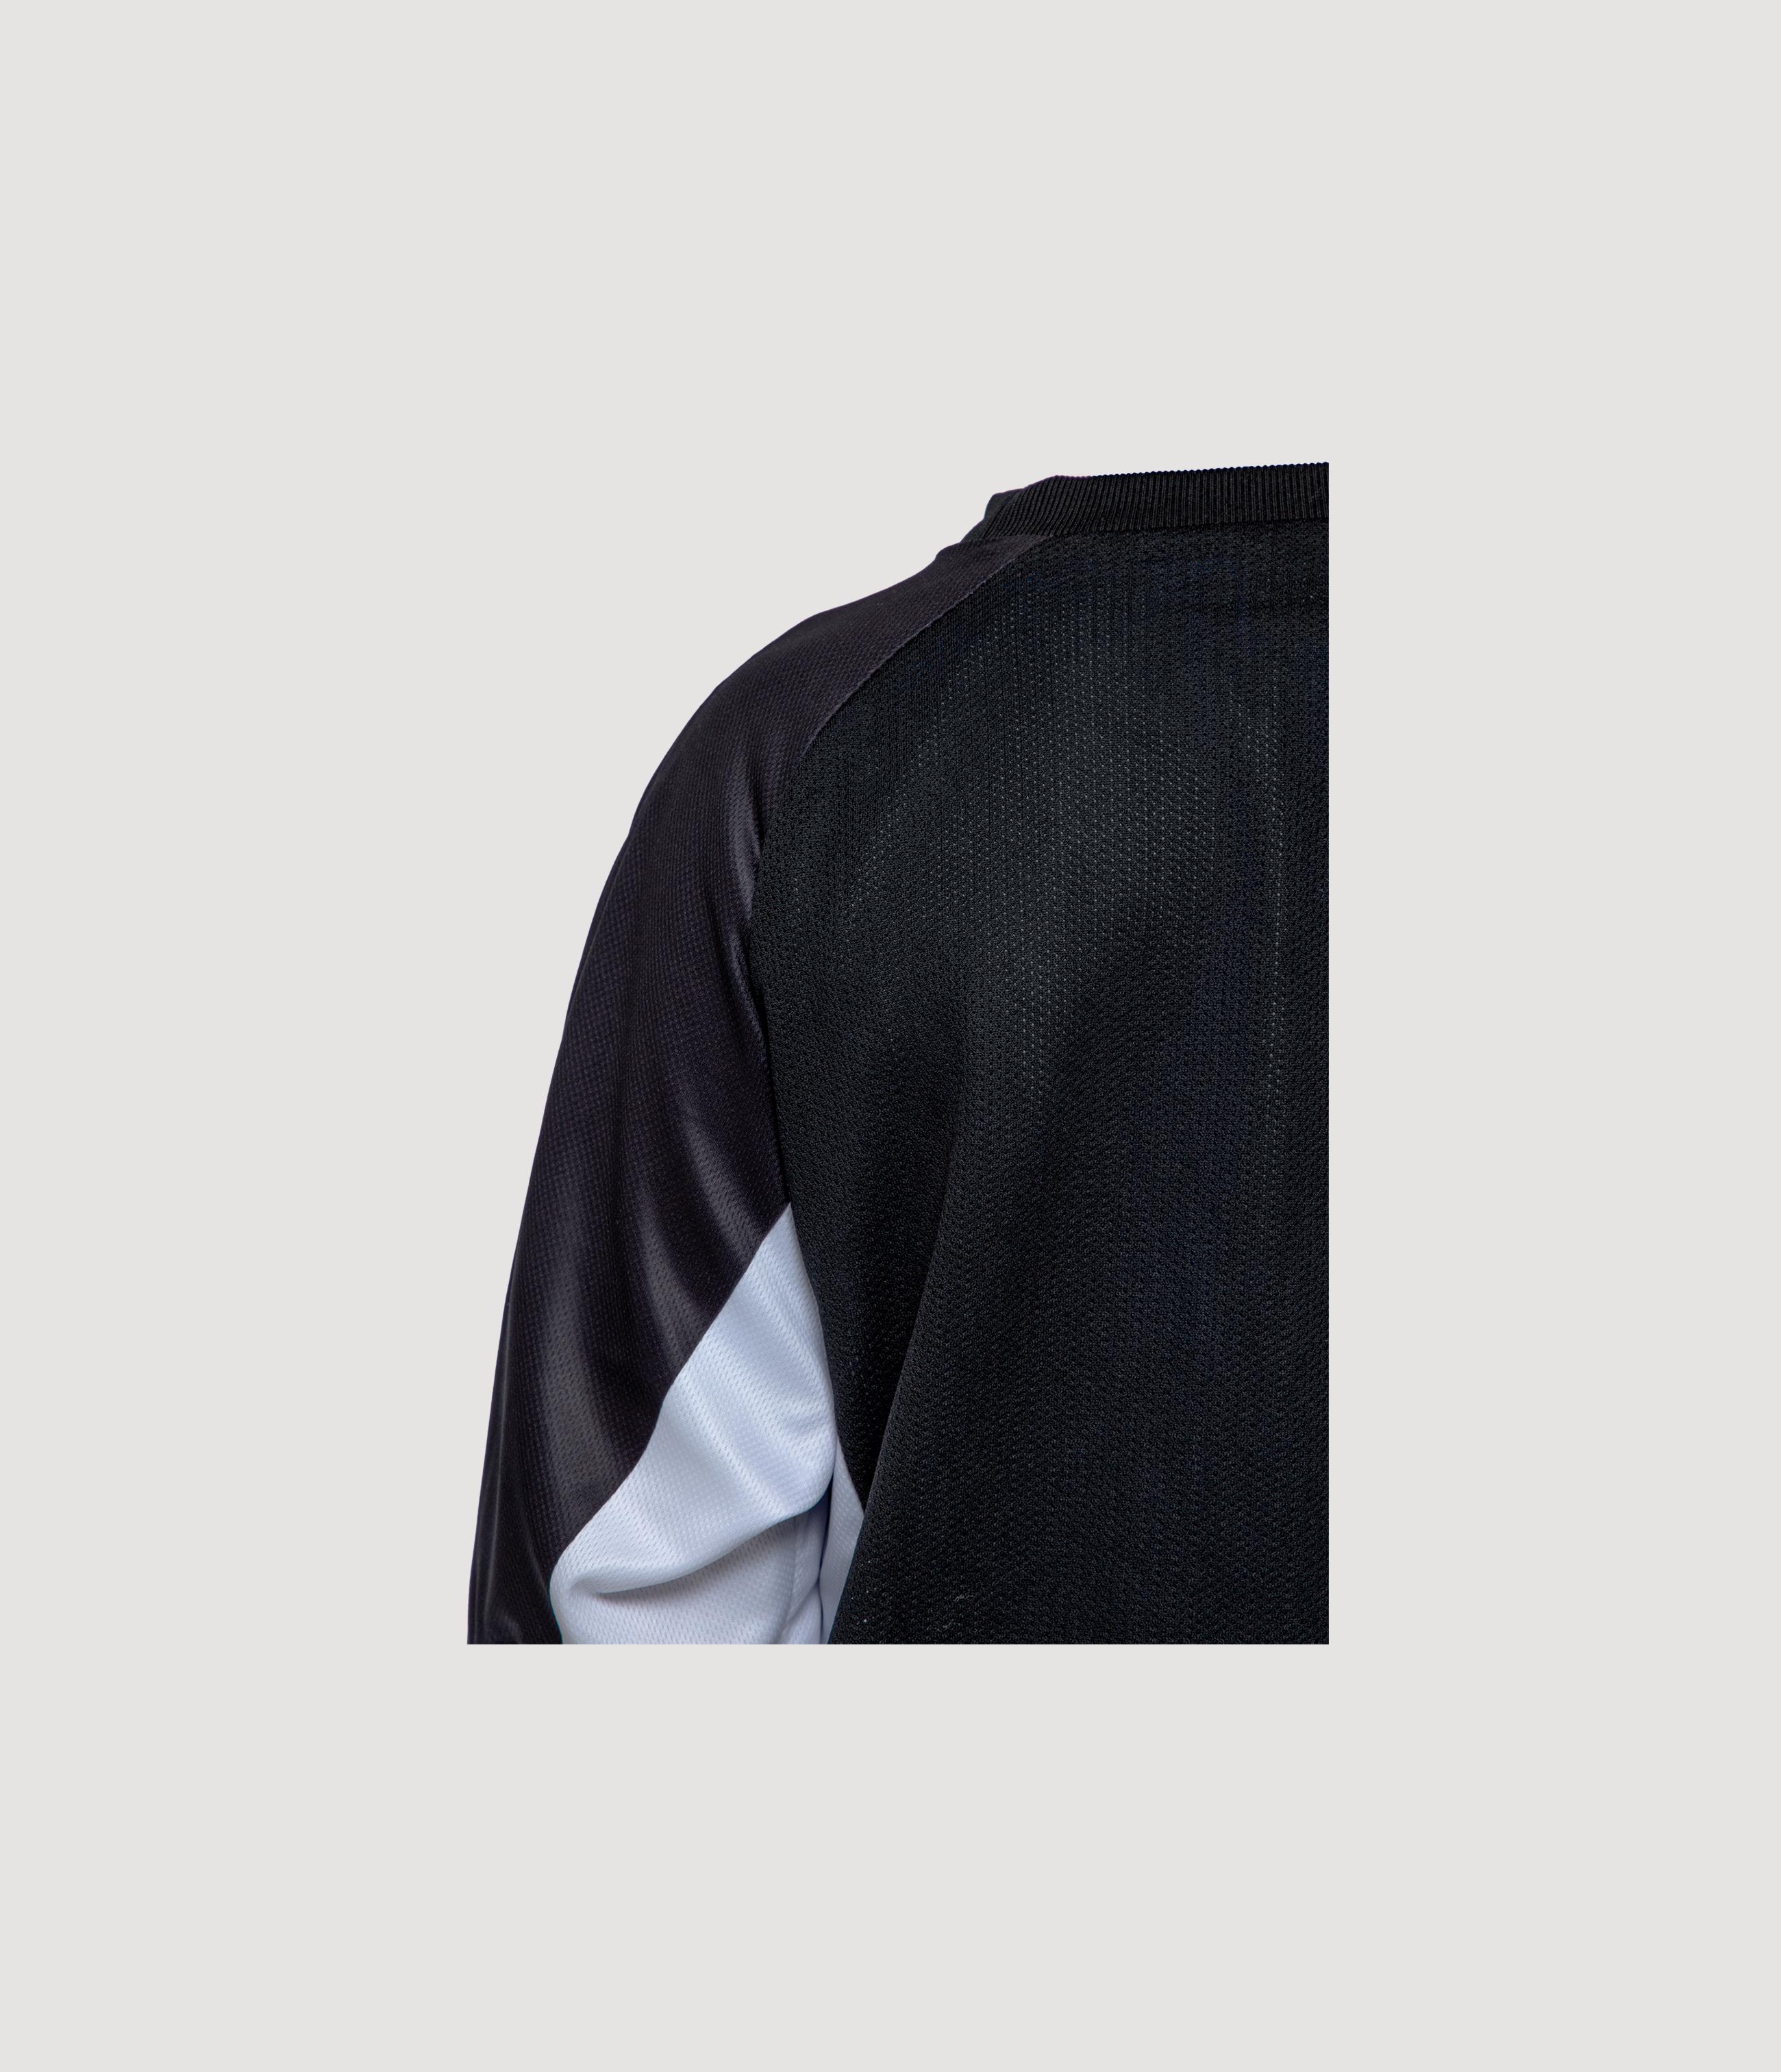 XGuard Goalie Shirt JR Closeup2